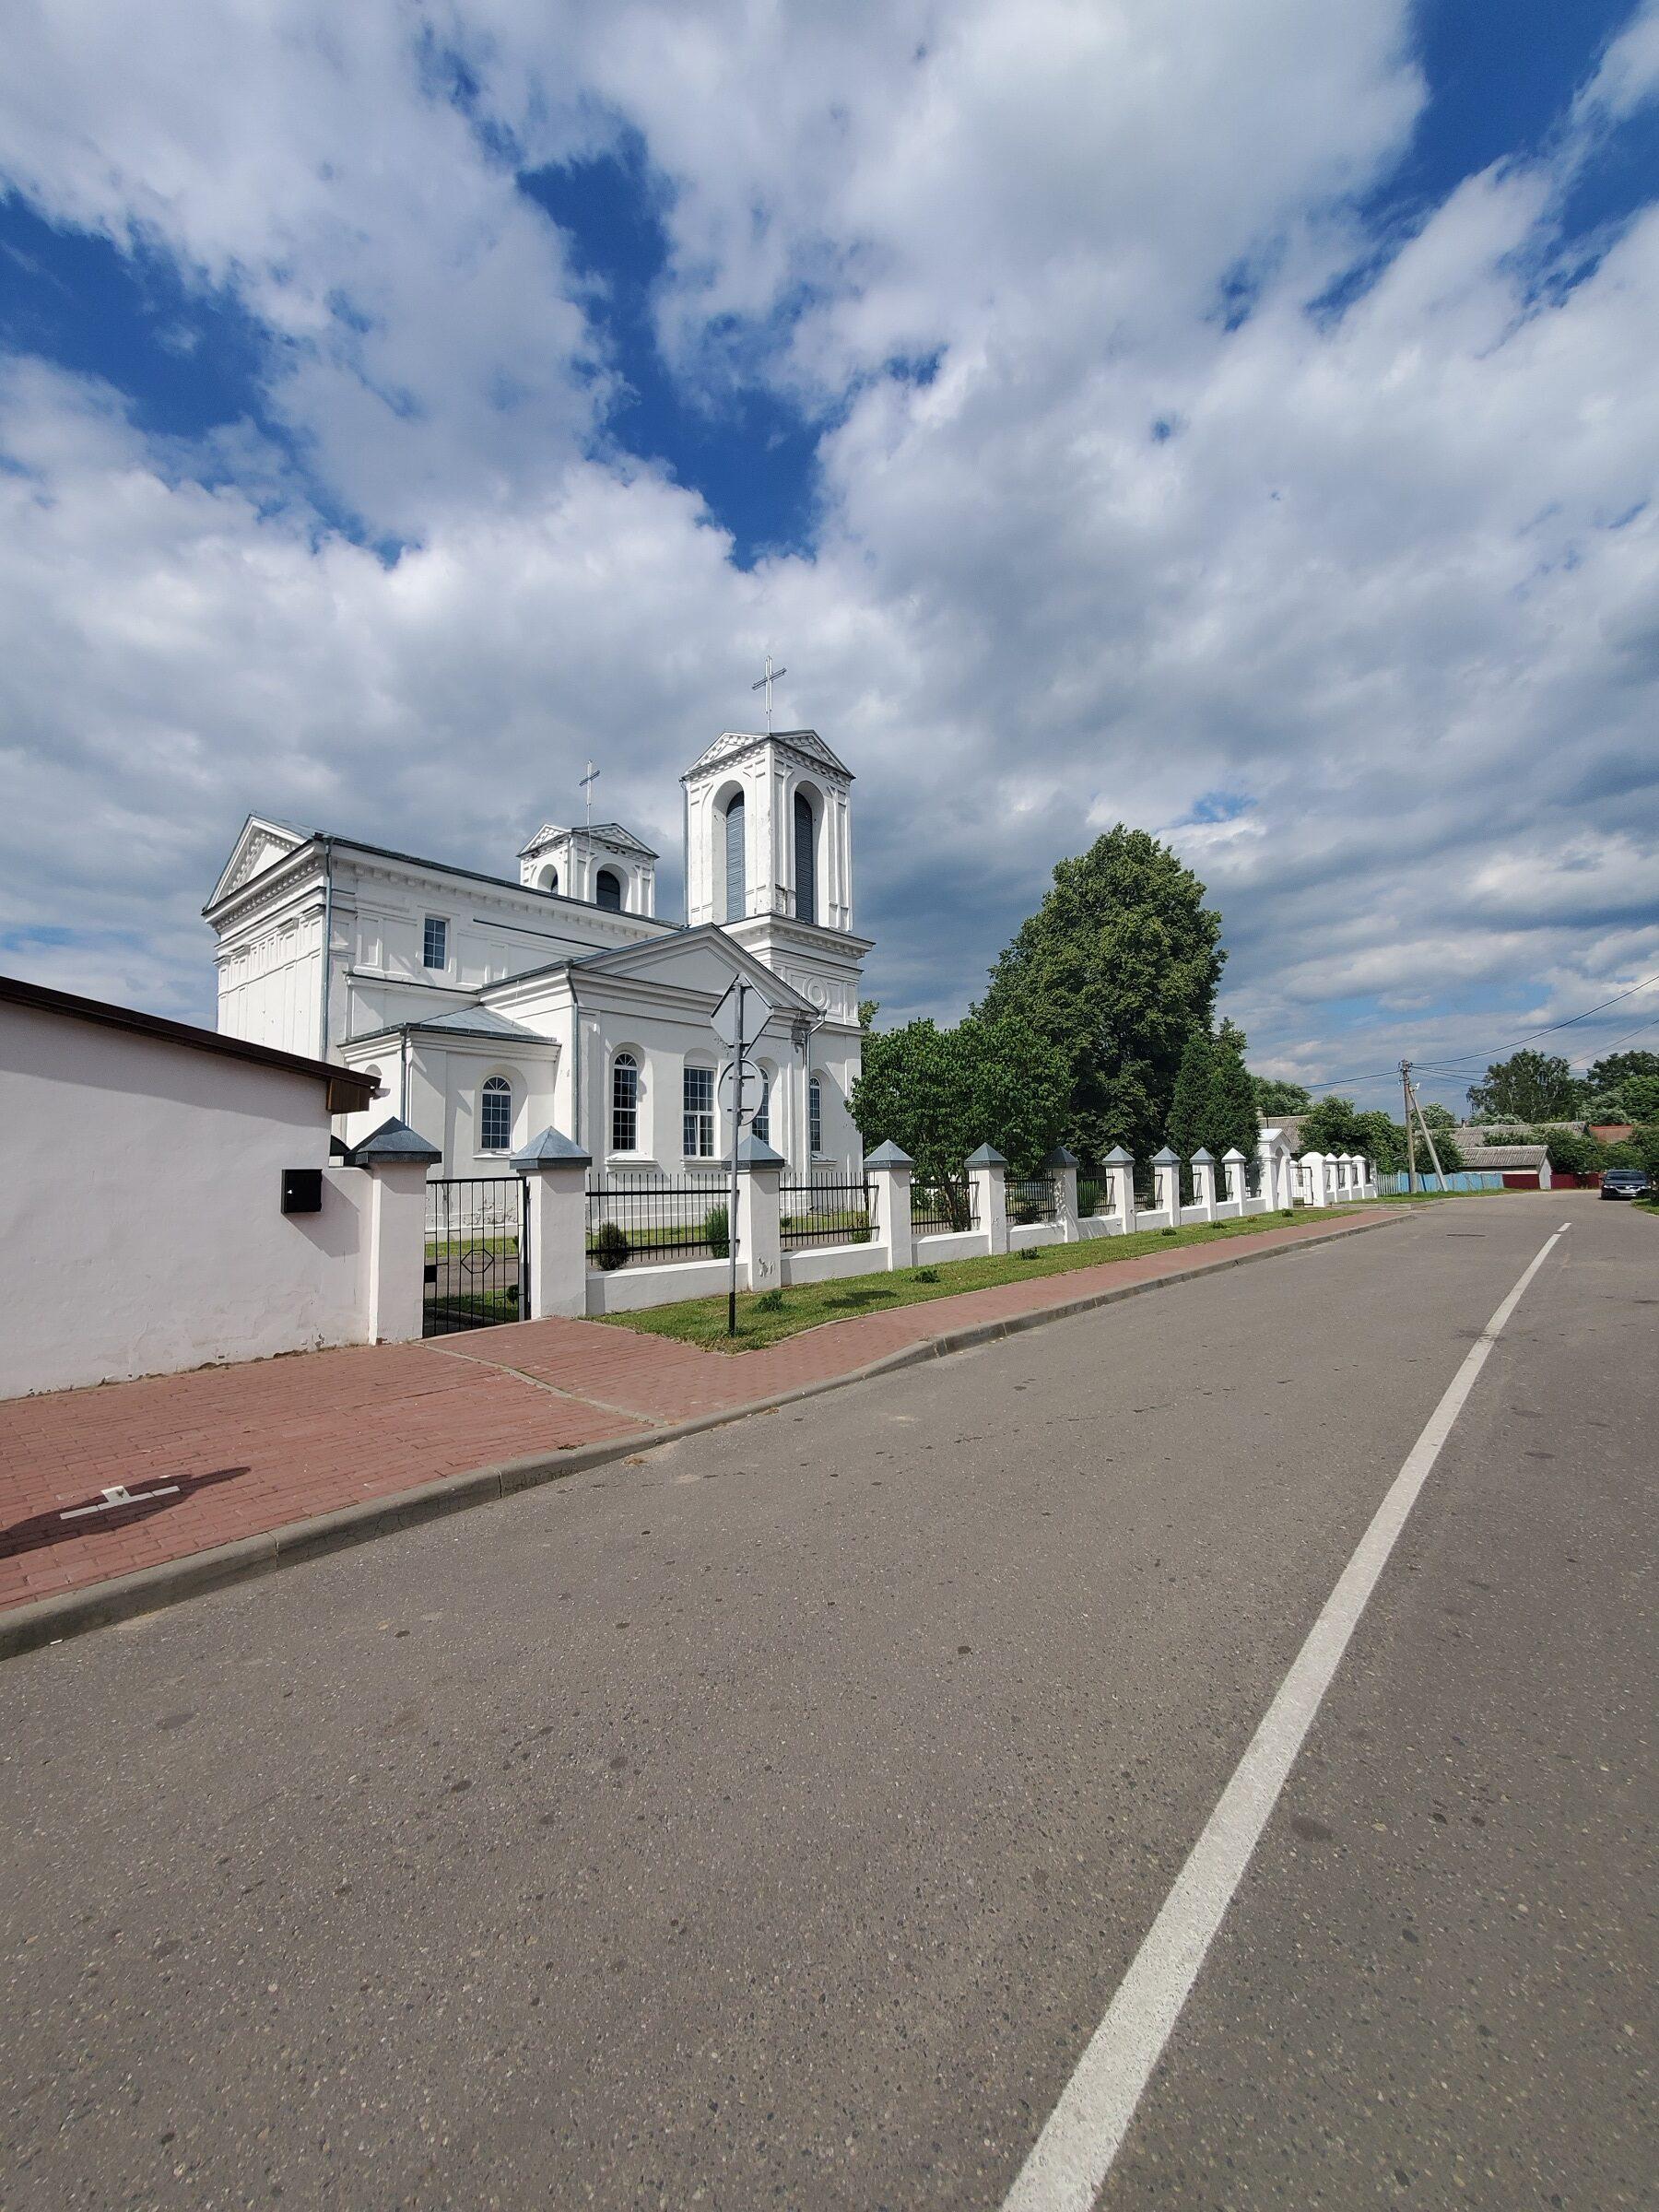 20200705 155155 rotated - Костел Святого Казимира в Лепеле